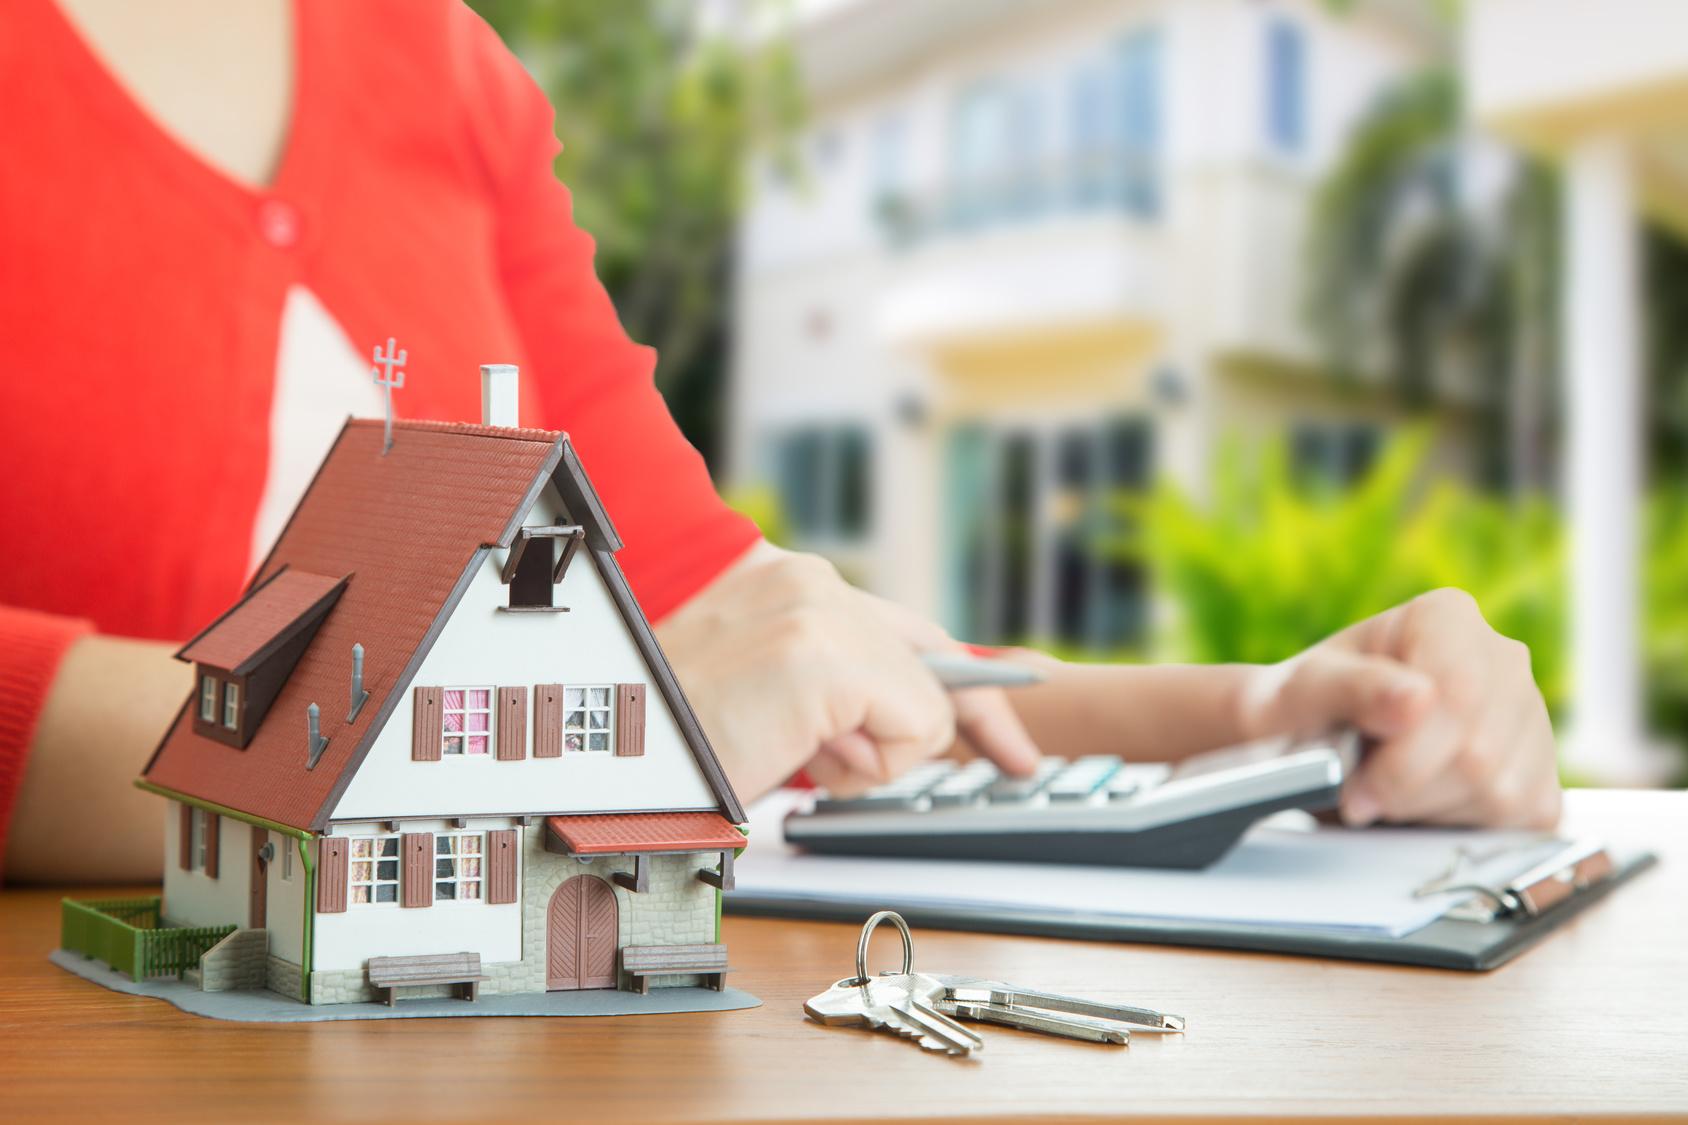 Минфин предложил выдавать на частные дома «Семейную ипотеку» под 6%